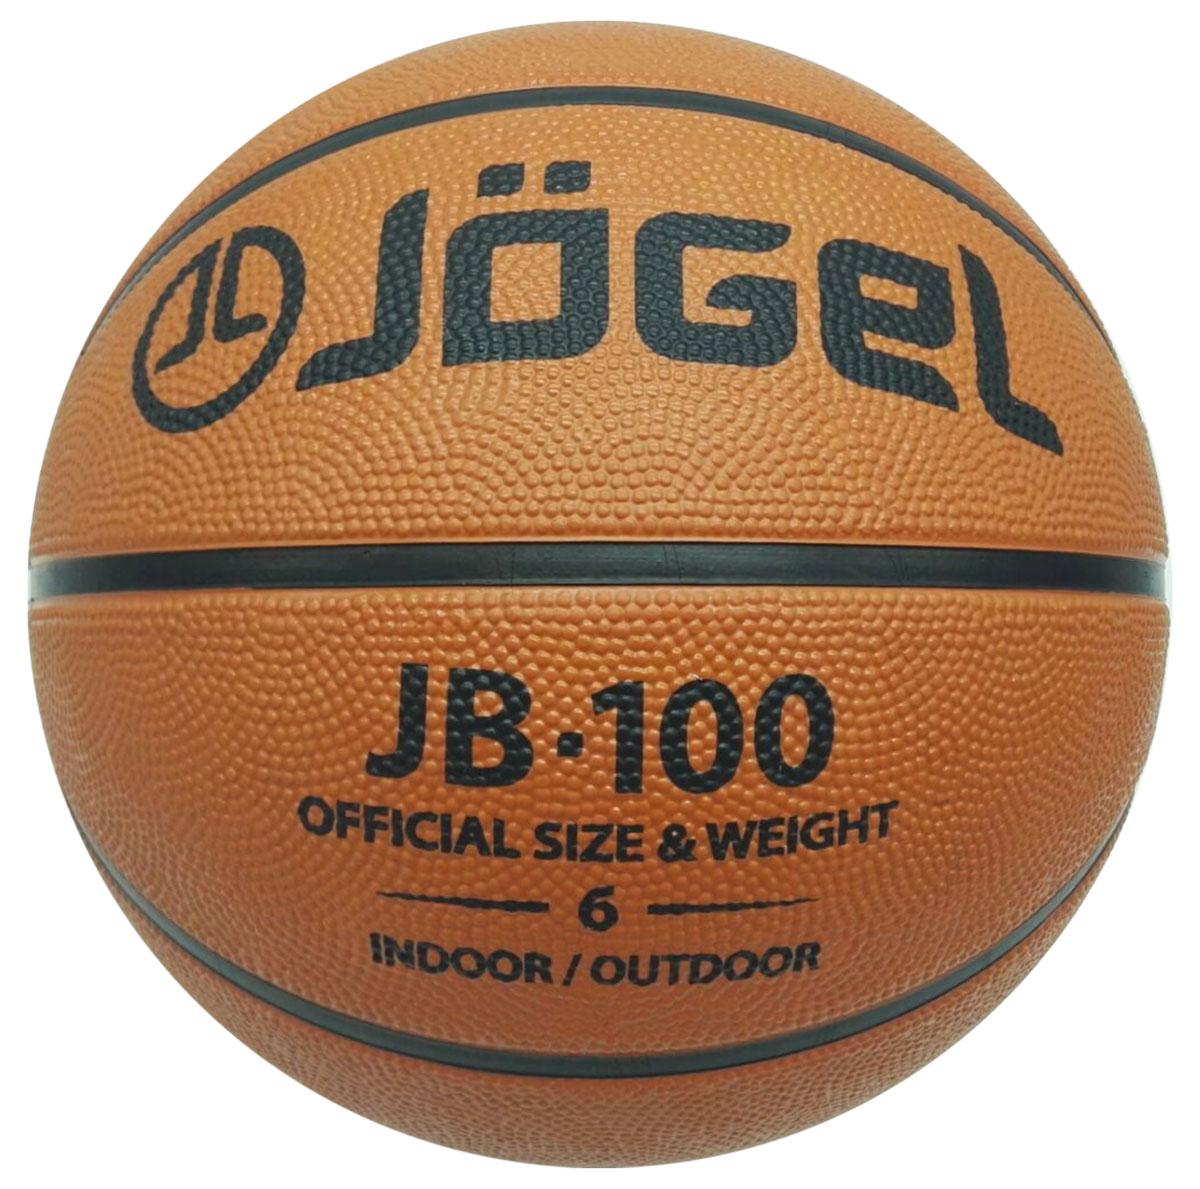 Мяч баскетбольный  Jogel , цвет: коричневый. Размер 6. JB-100 - Баскетбол